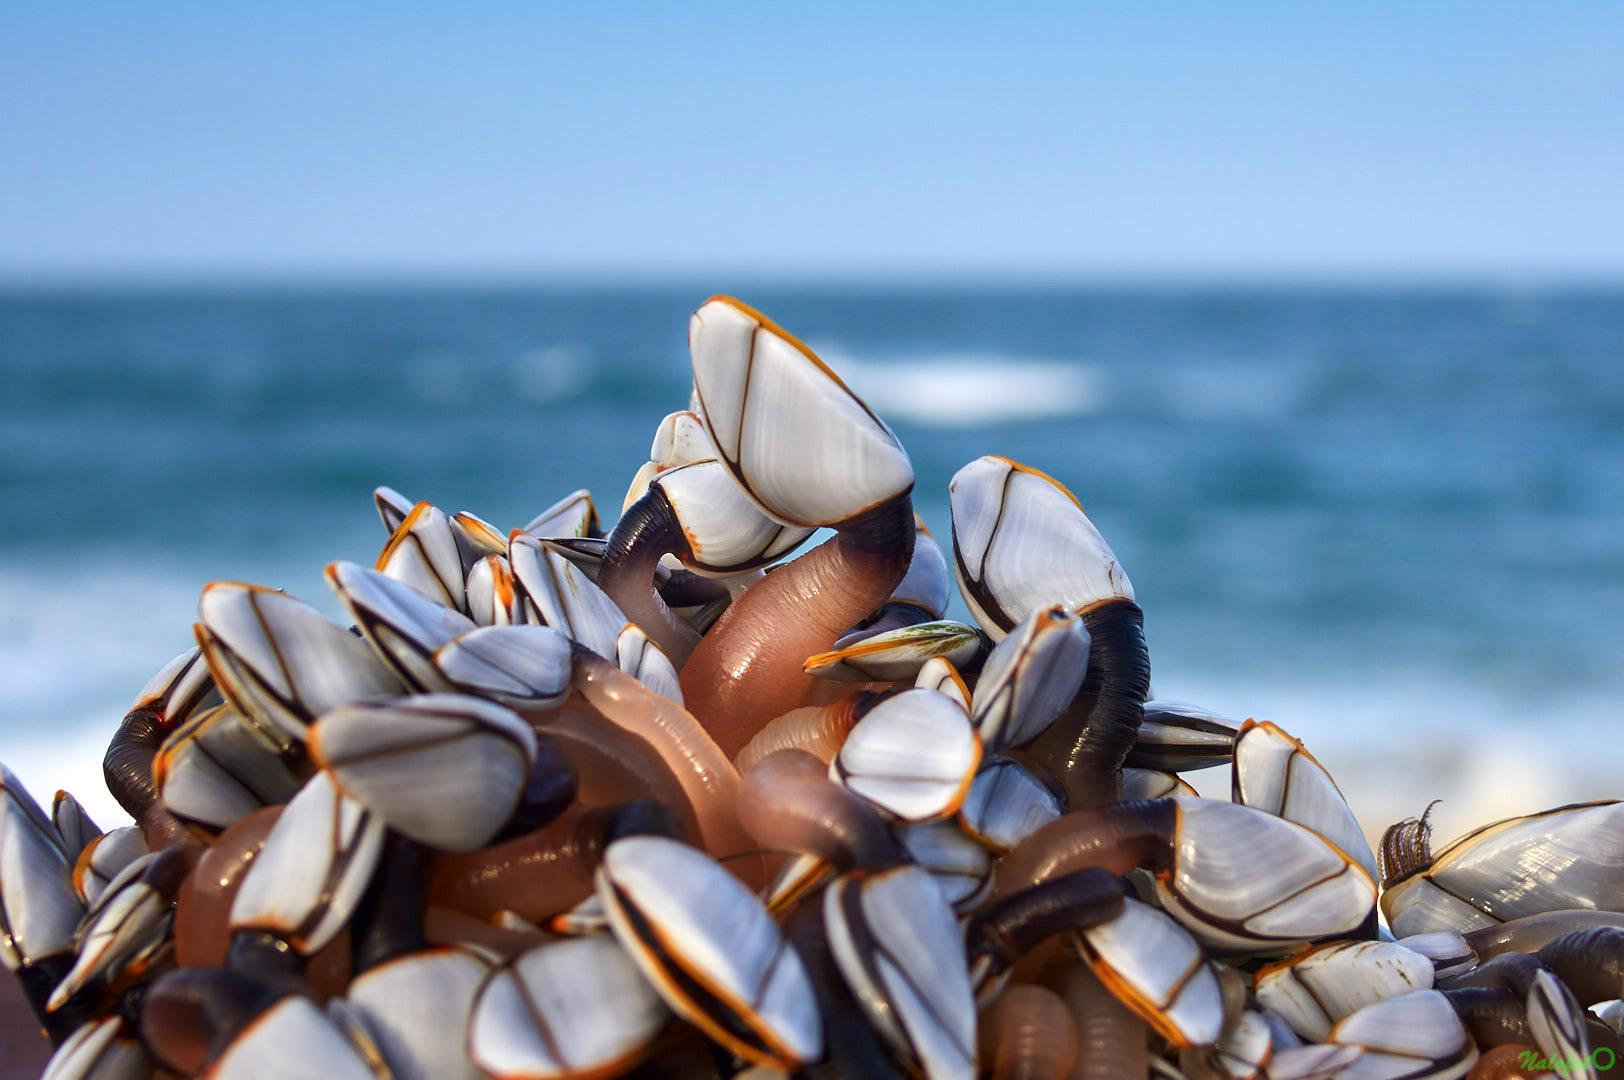 nature bretonne - Amas de Anatifes accroché à une bouée échouée sur la plage près des carrières de Fréhel